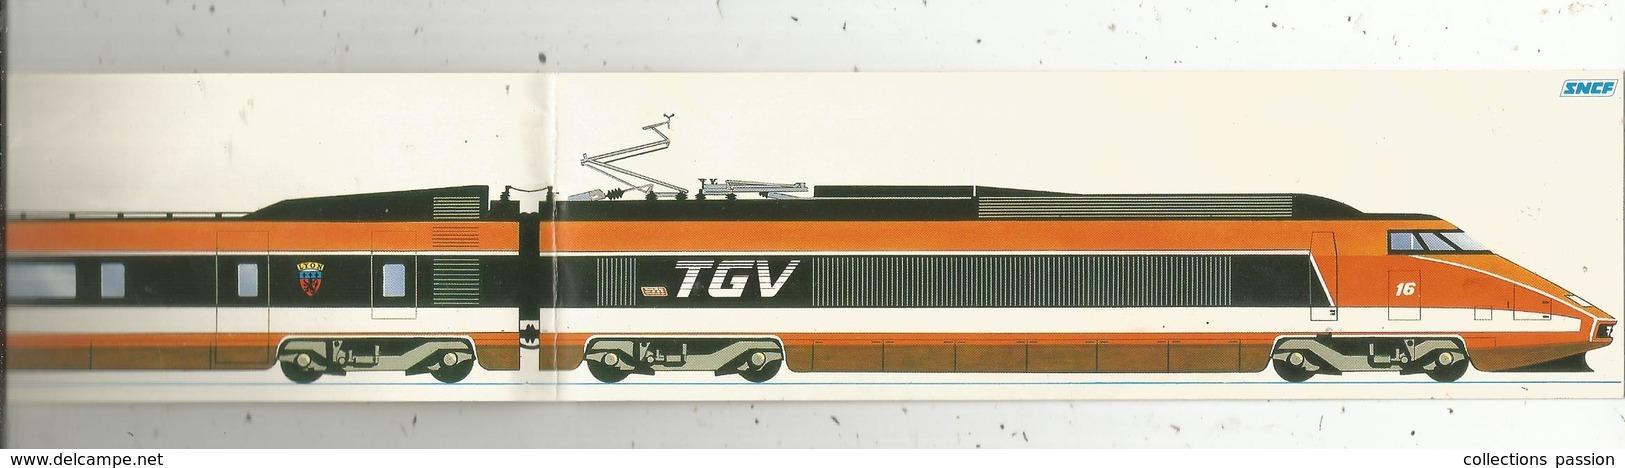 Autocollant ,  SNCF ,  TGV ,  400 X 60 Mm , 2 Scans ,  Frais Fr 1.55 E - Autocollants